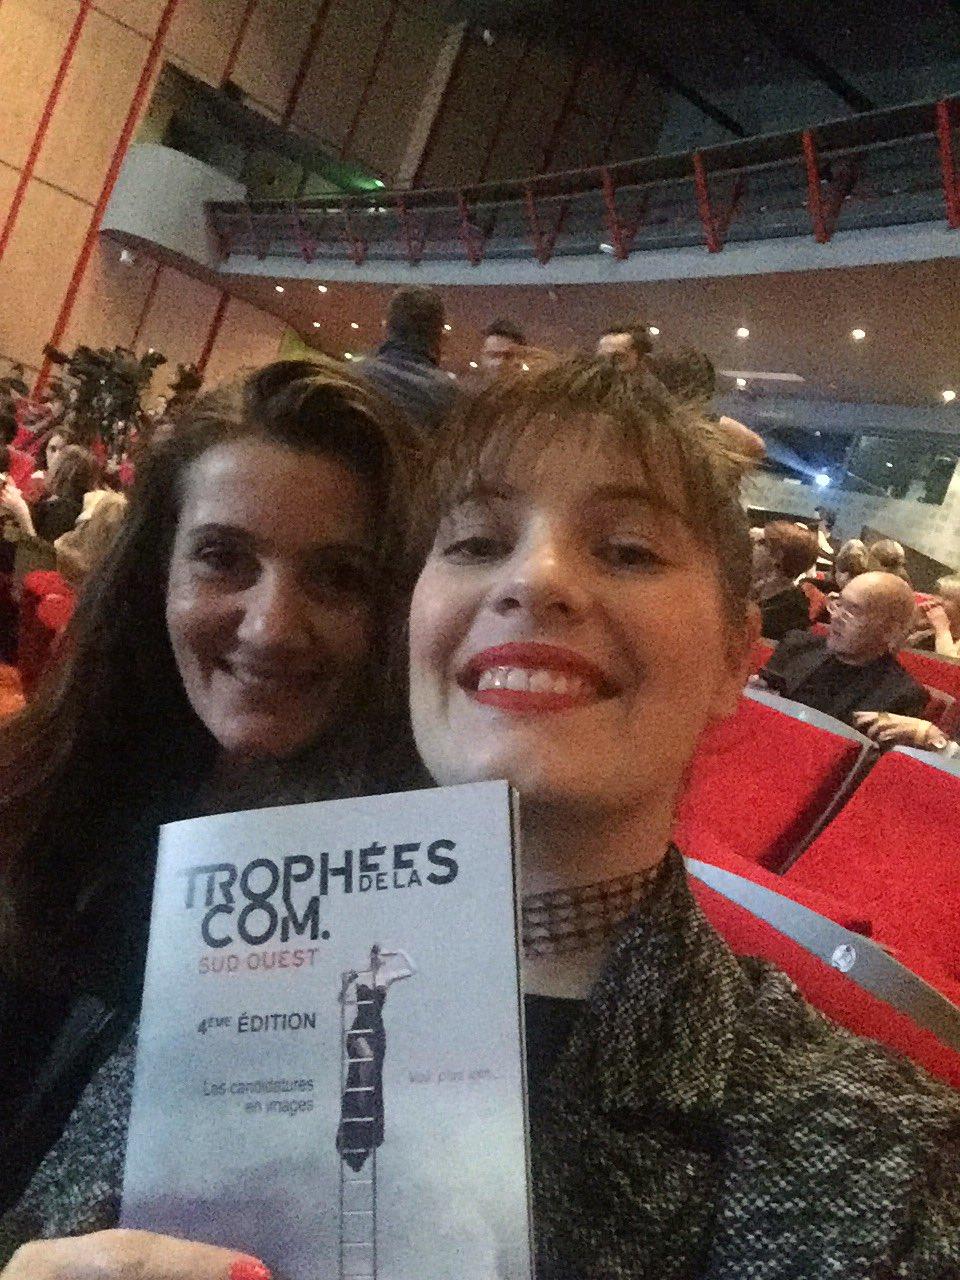 Prêtes pour les #tropheescom ! 2 dossiers déposés pour @ToulouseBS  😀 https://t.co/5tvDJfDPX2